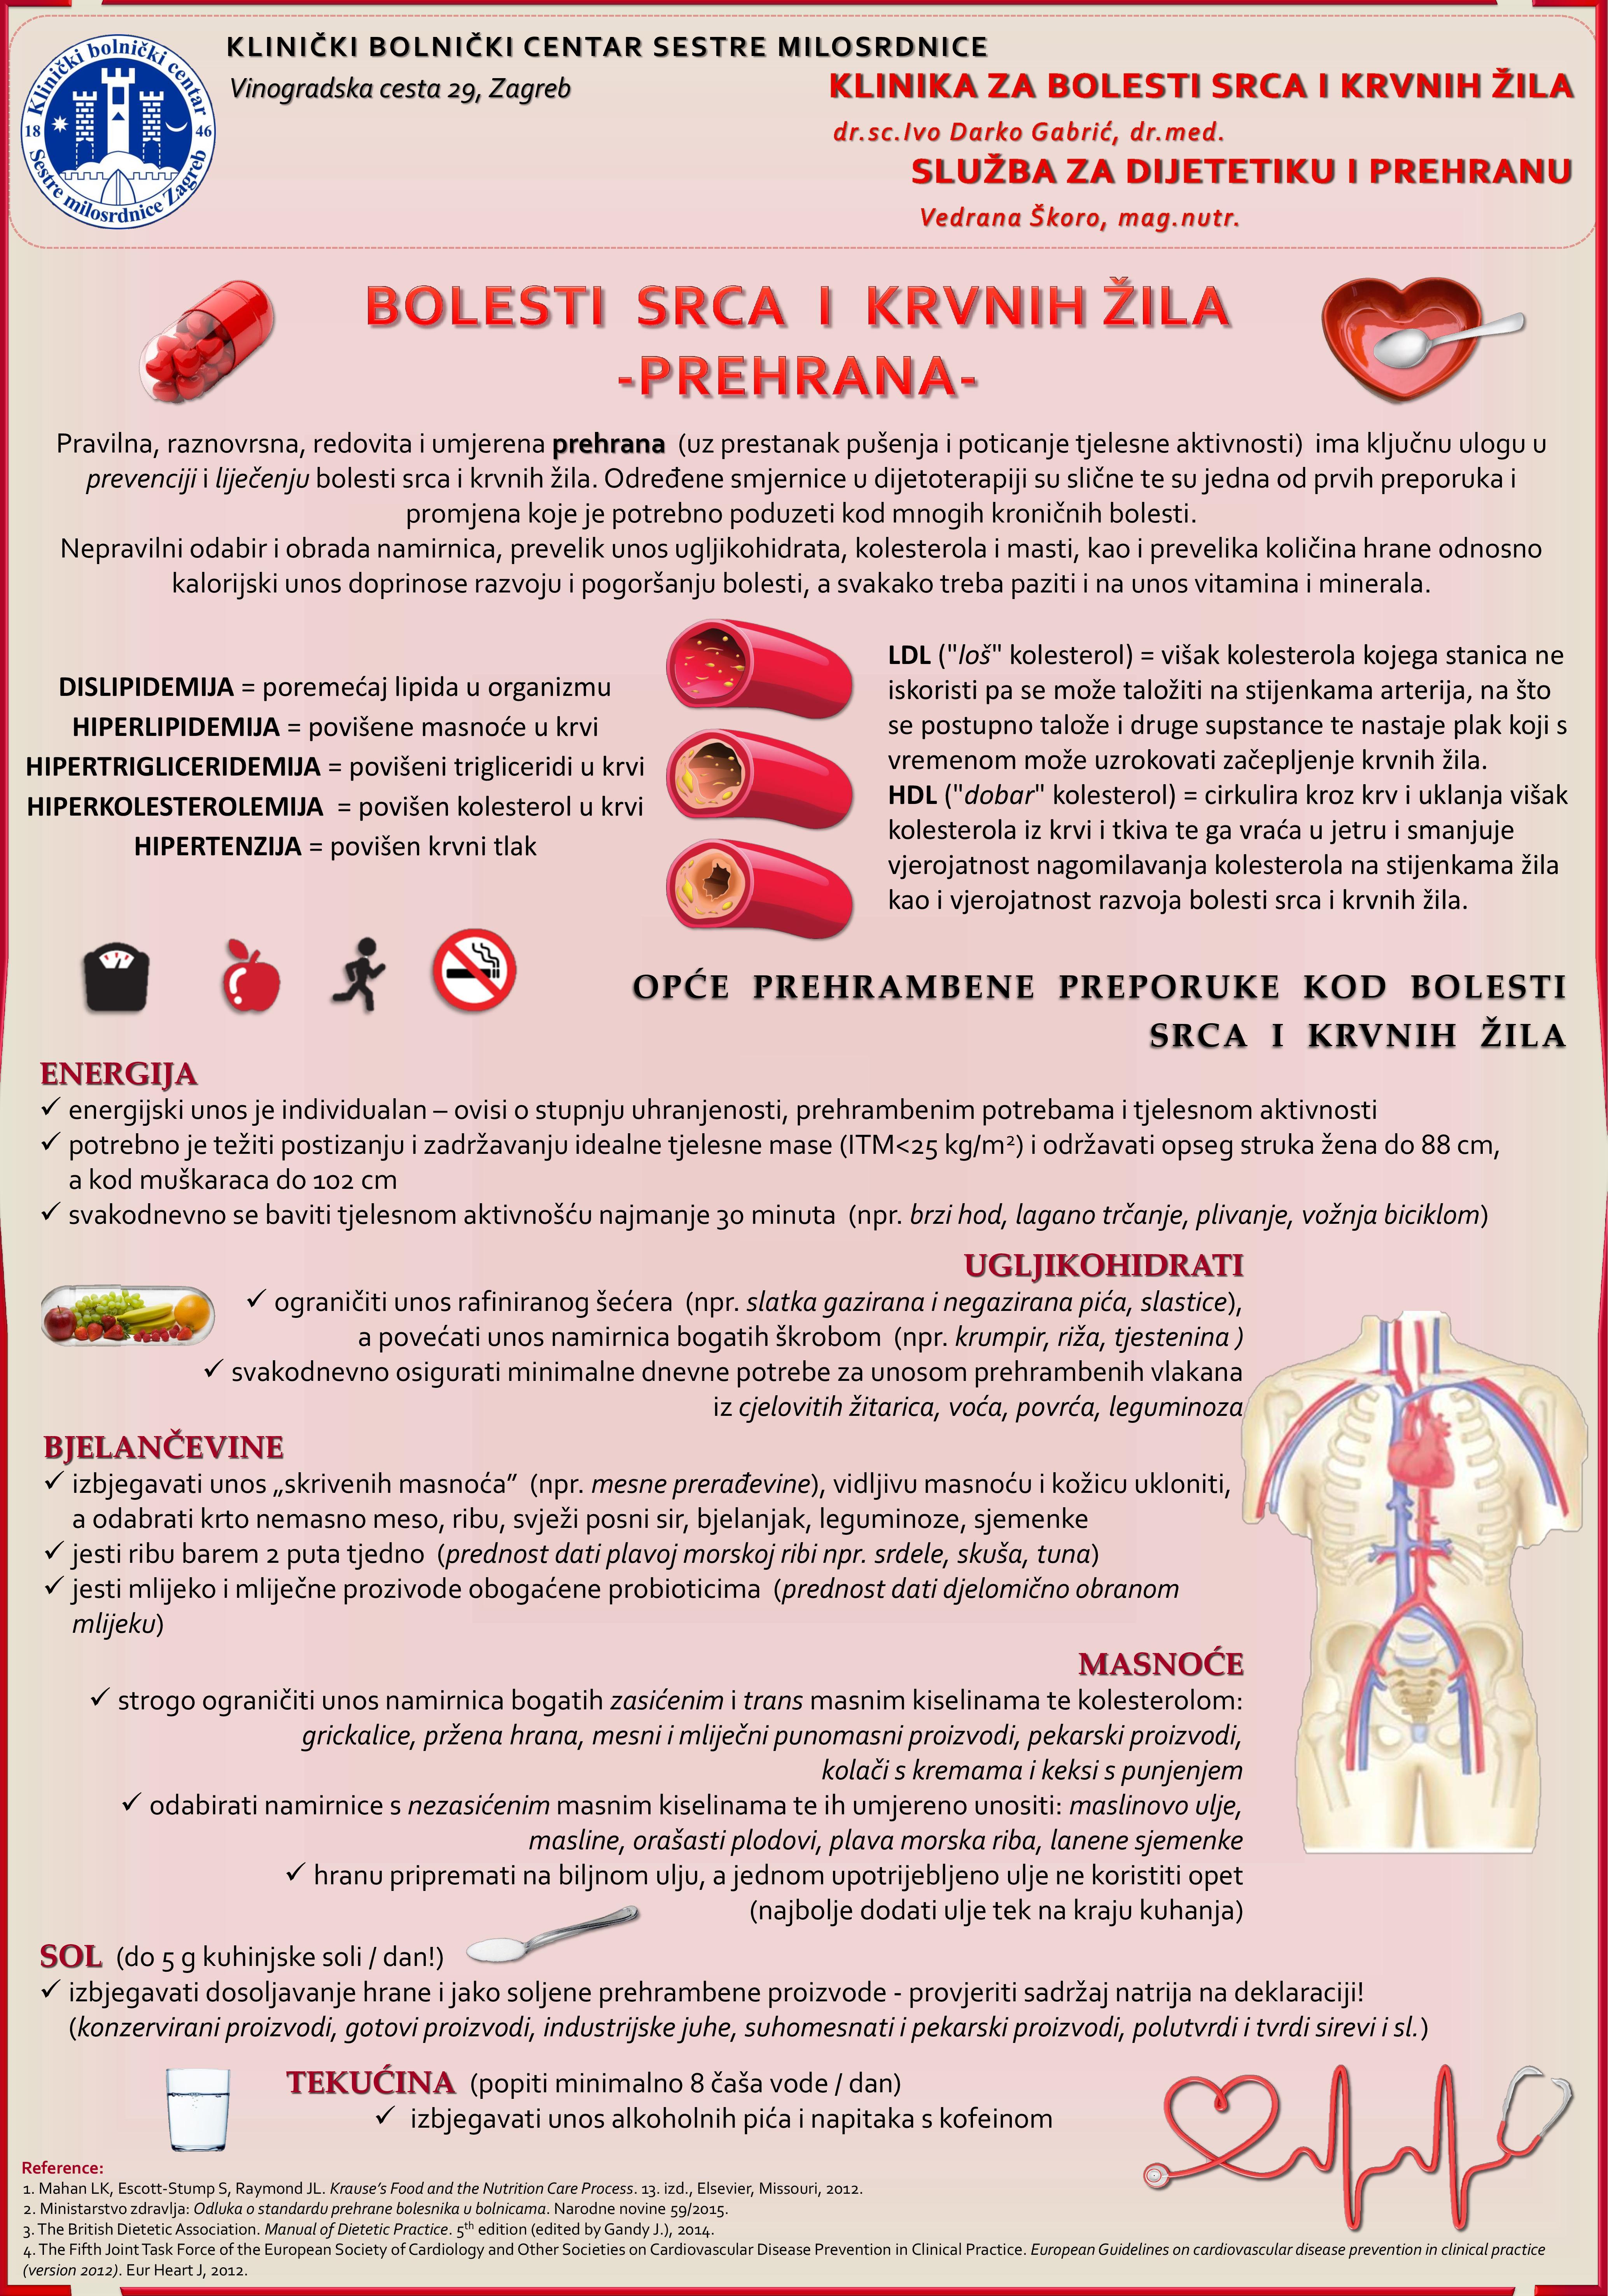 medicinsku povijest pedijatrijsku hipertenziju